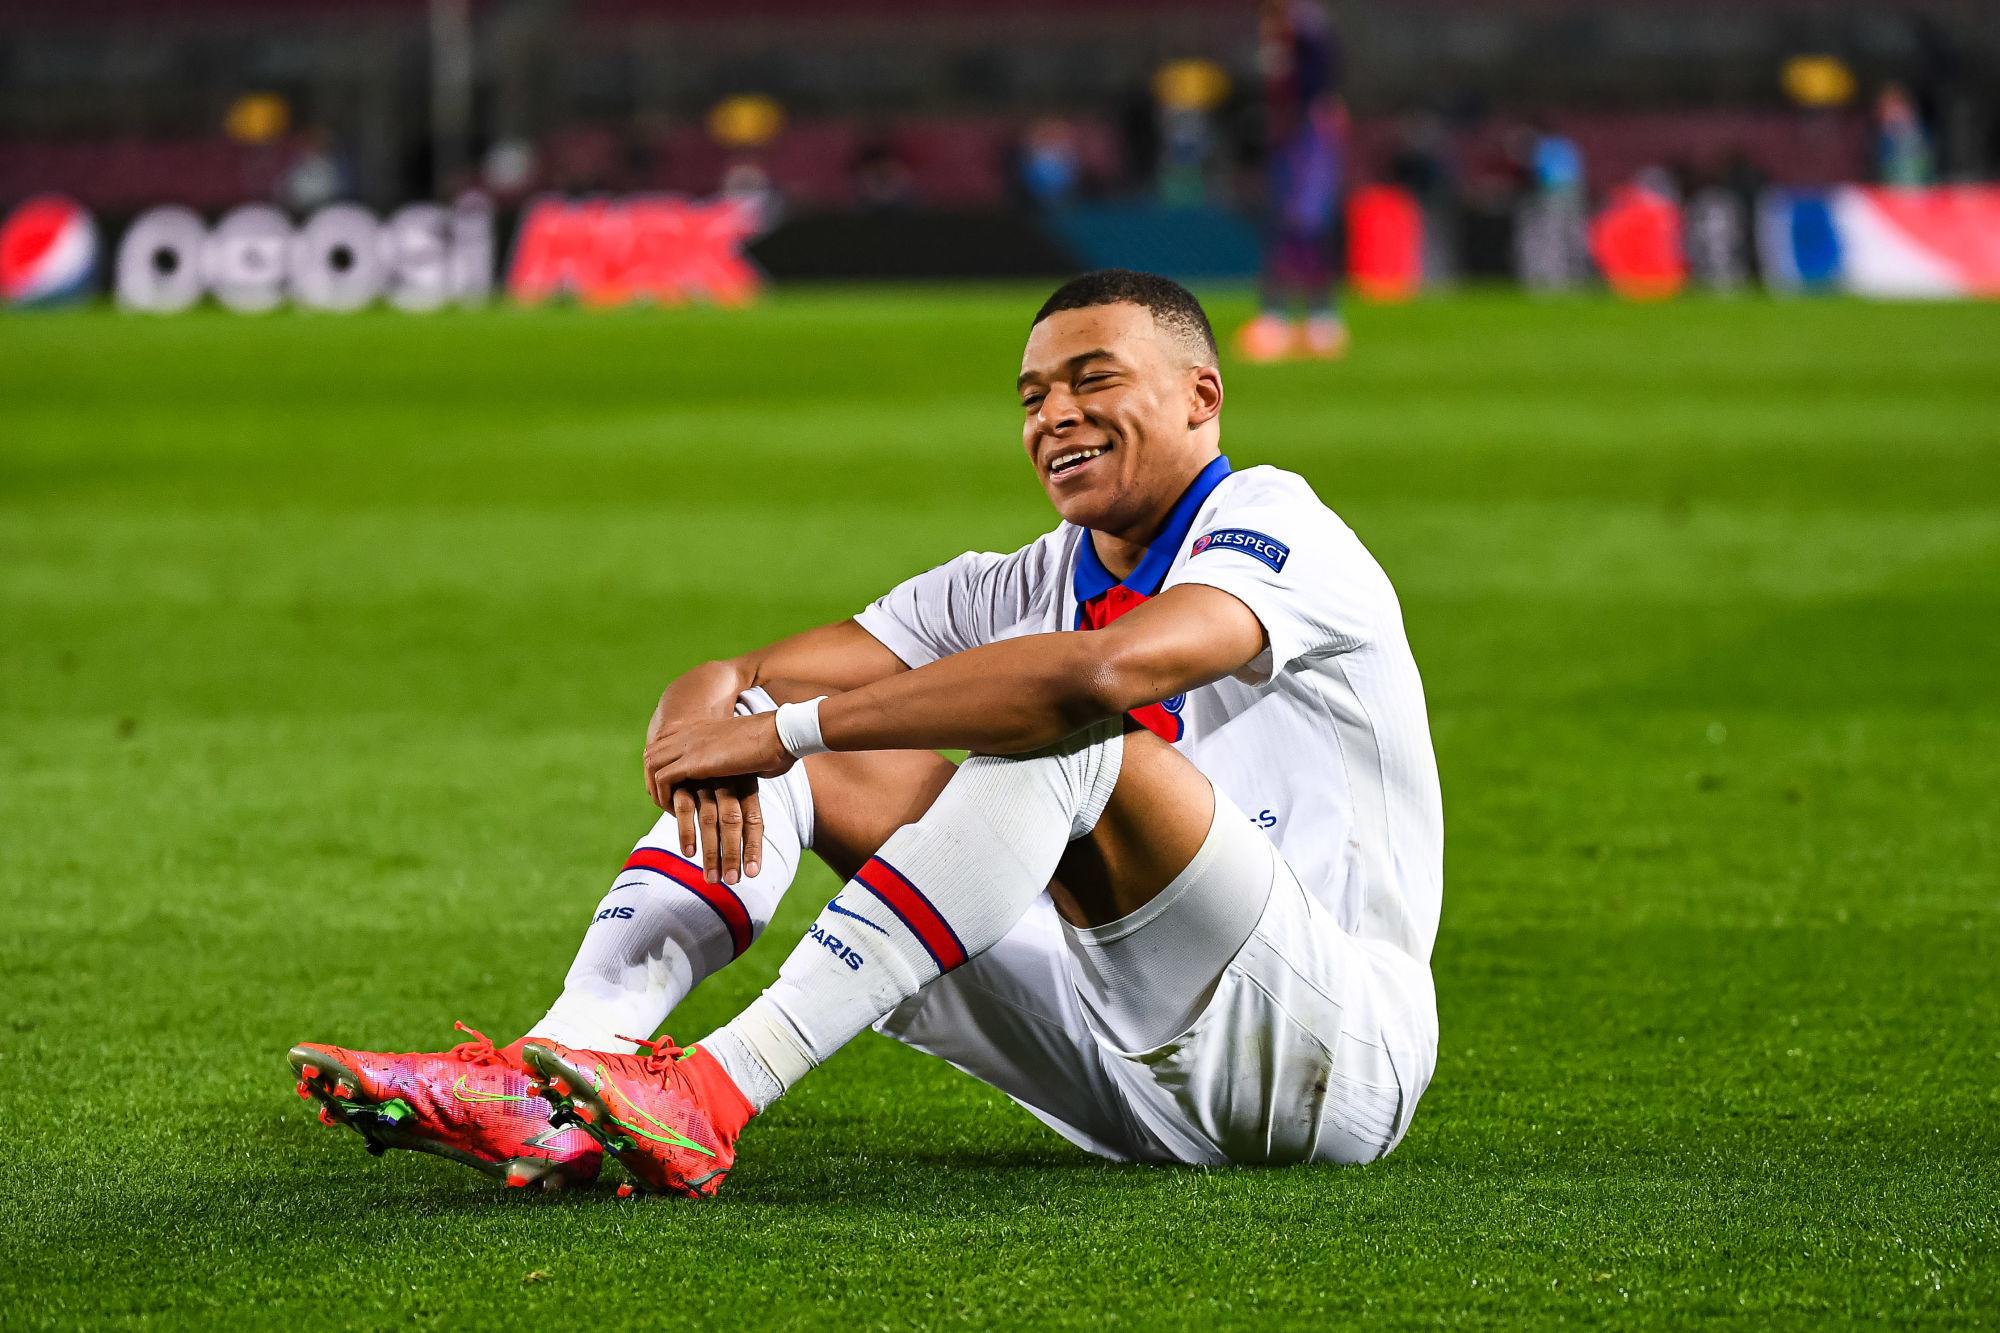 Après sa performance contre Barcelone, Mbappé est très loin du Real Madrid selon Valdano